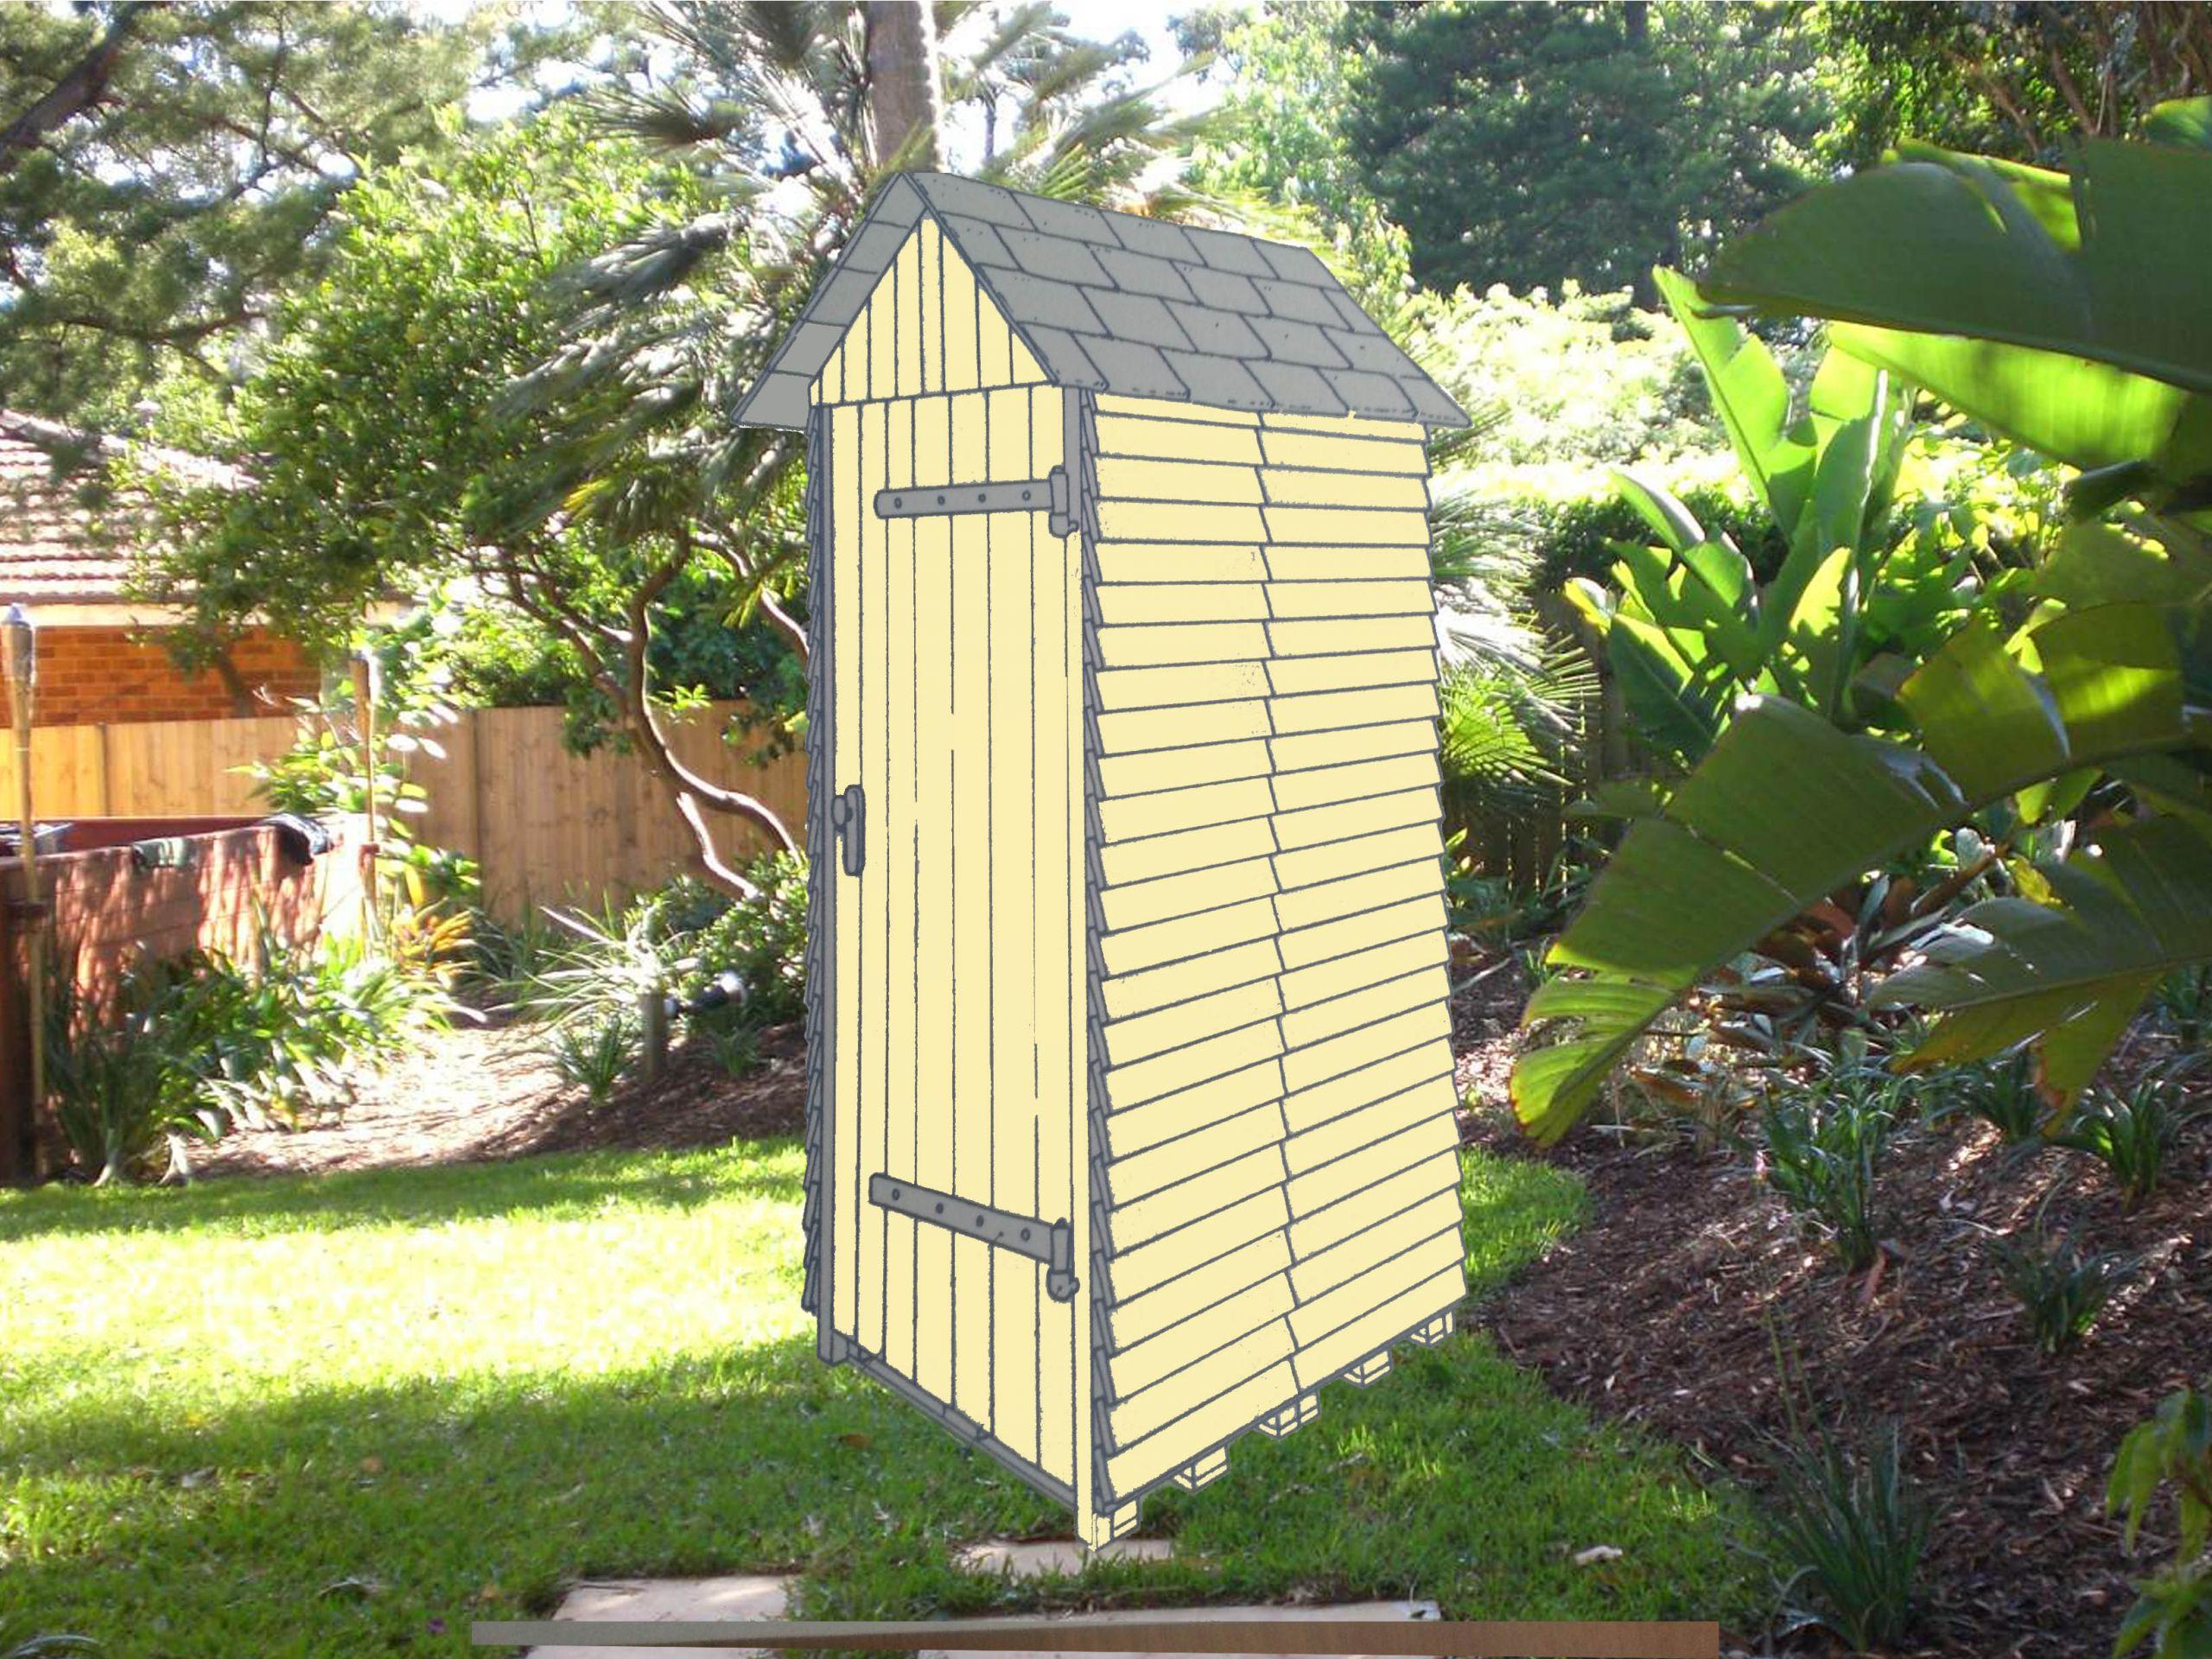 Abri de jardin bois pas cher construire un abri de jardin - Bordure de jardin en pierre pas cher ...